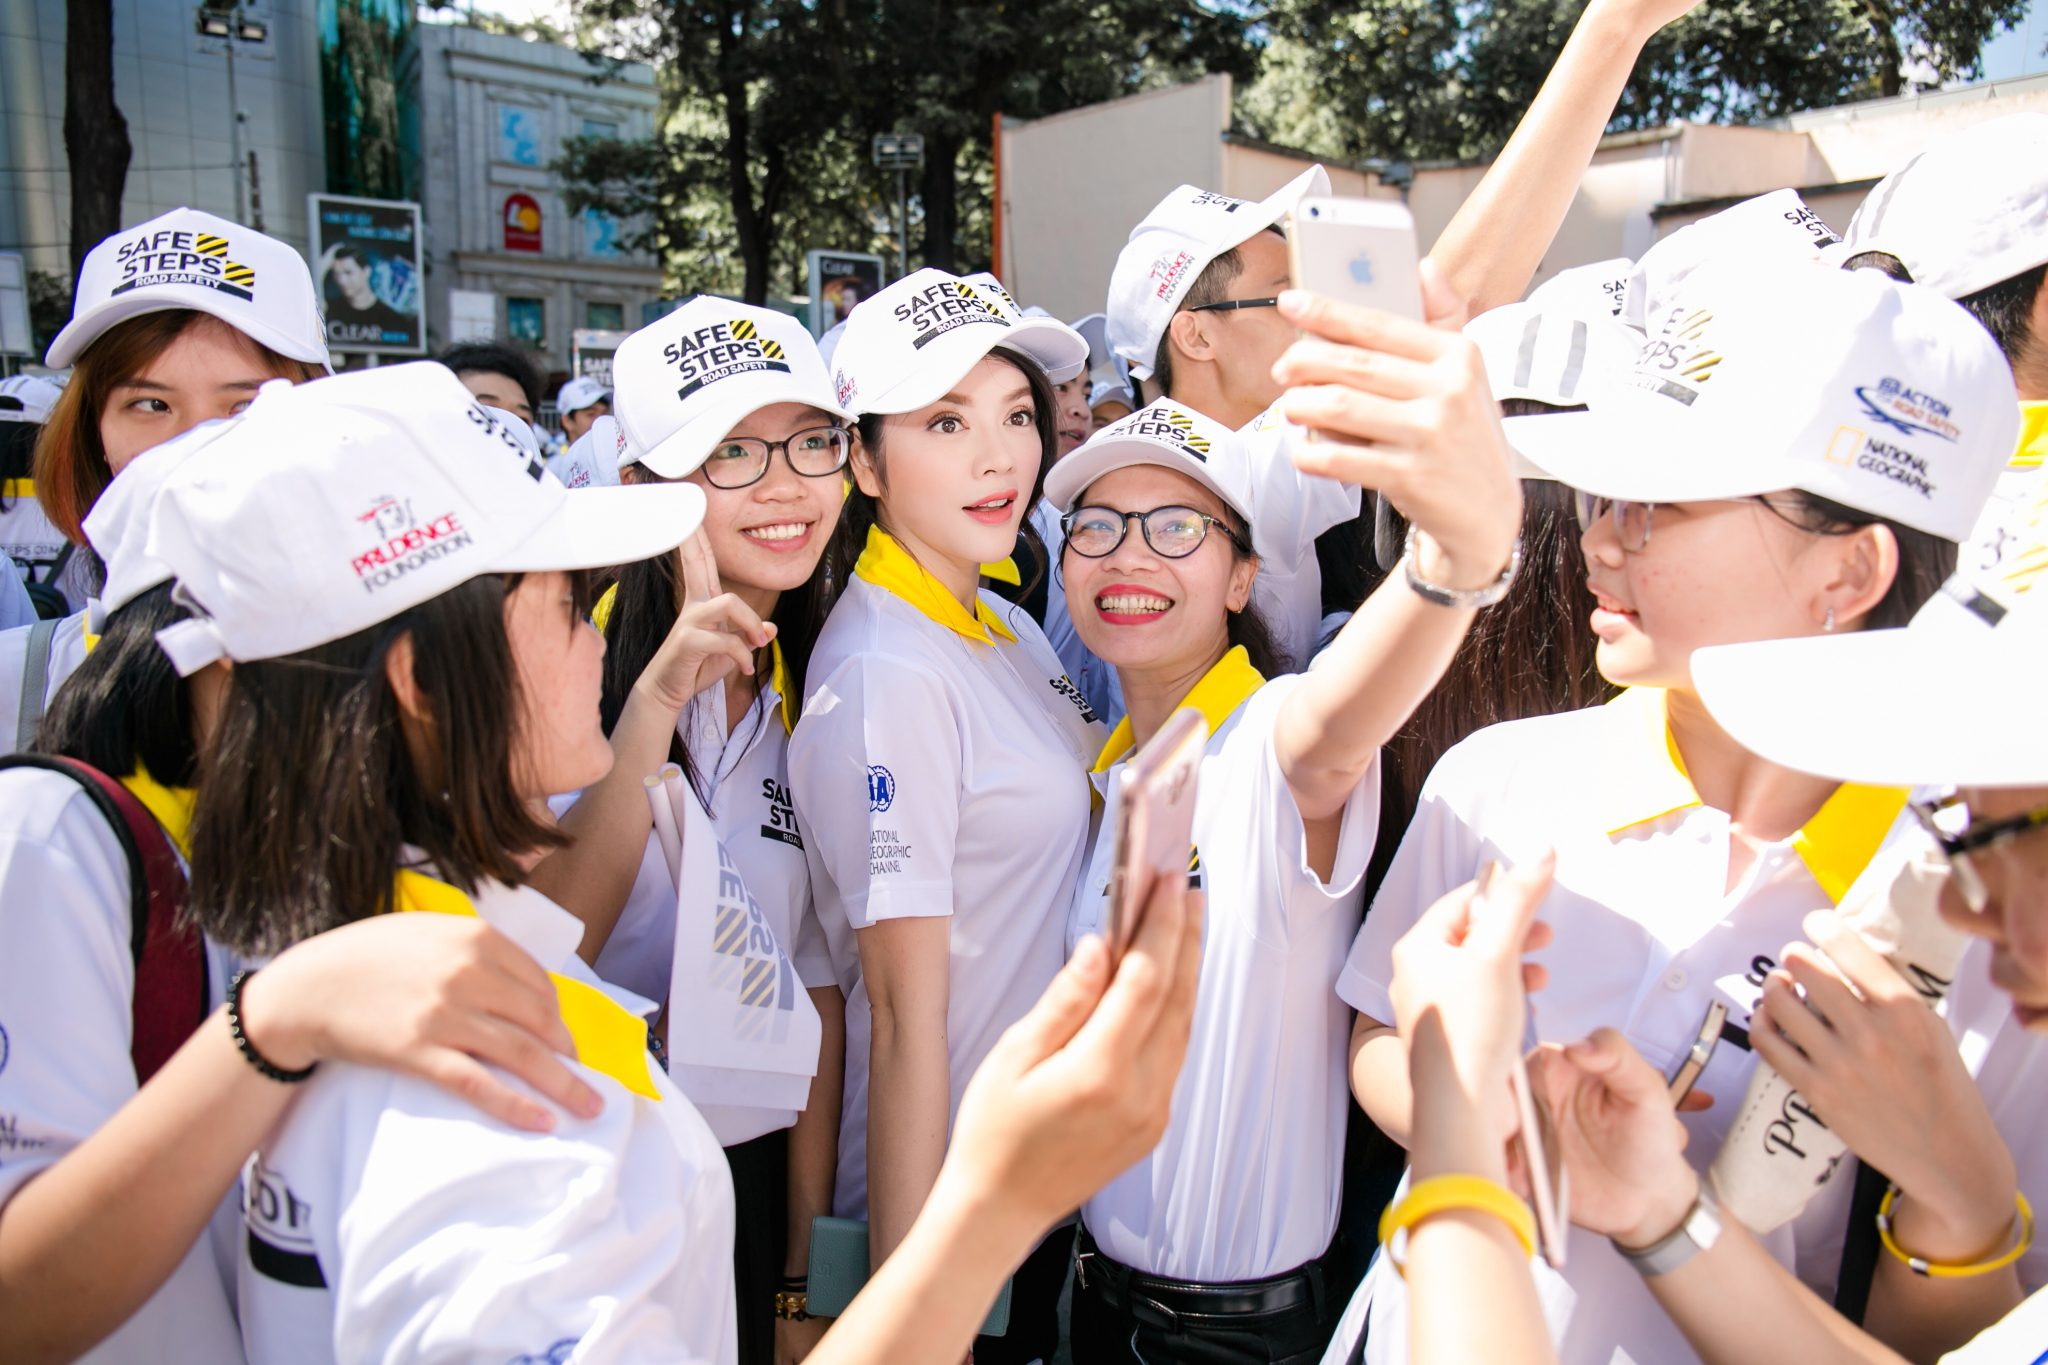 Ao thun Safe steps Road Safety 19 - Bừng sáng sự kiện Safe Steps của Liên Hợp Quốc tại Việt Nam với áo thun sự kiện